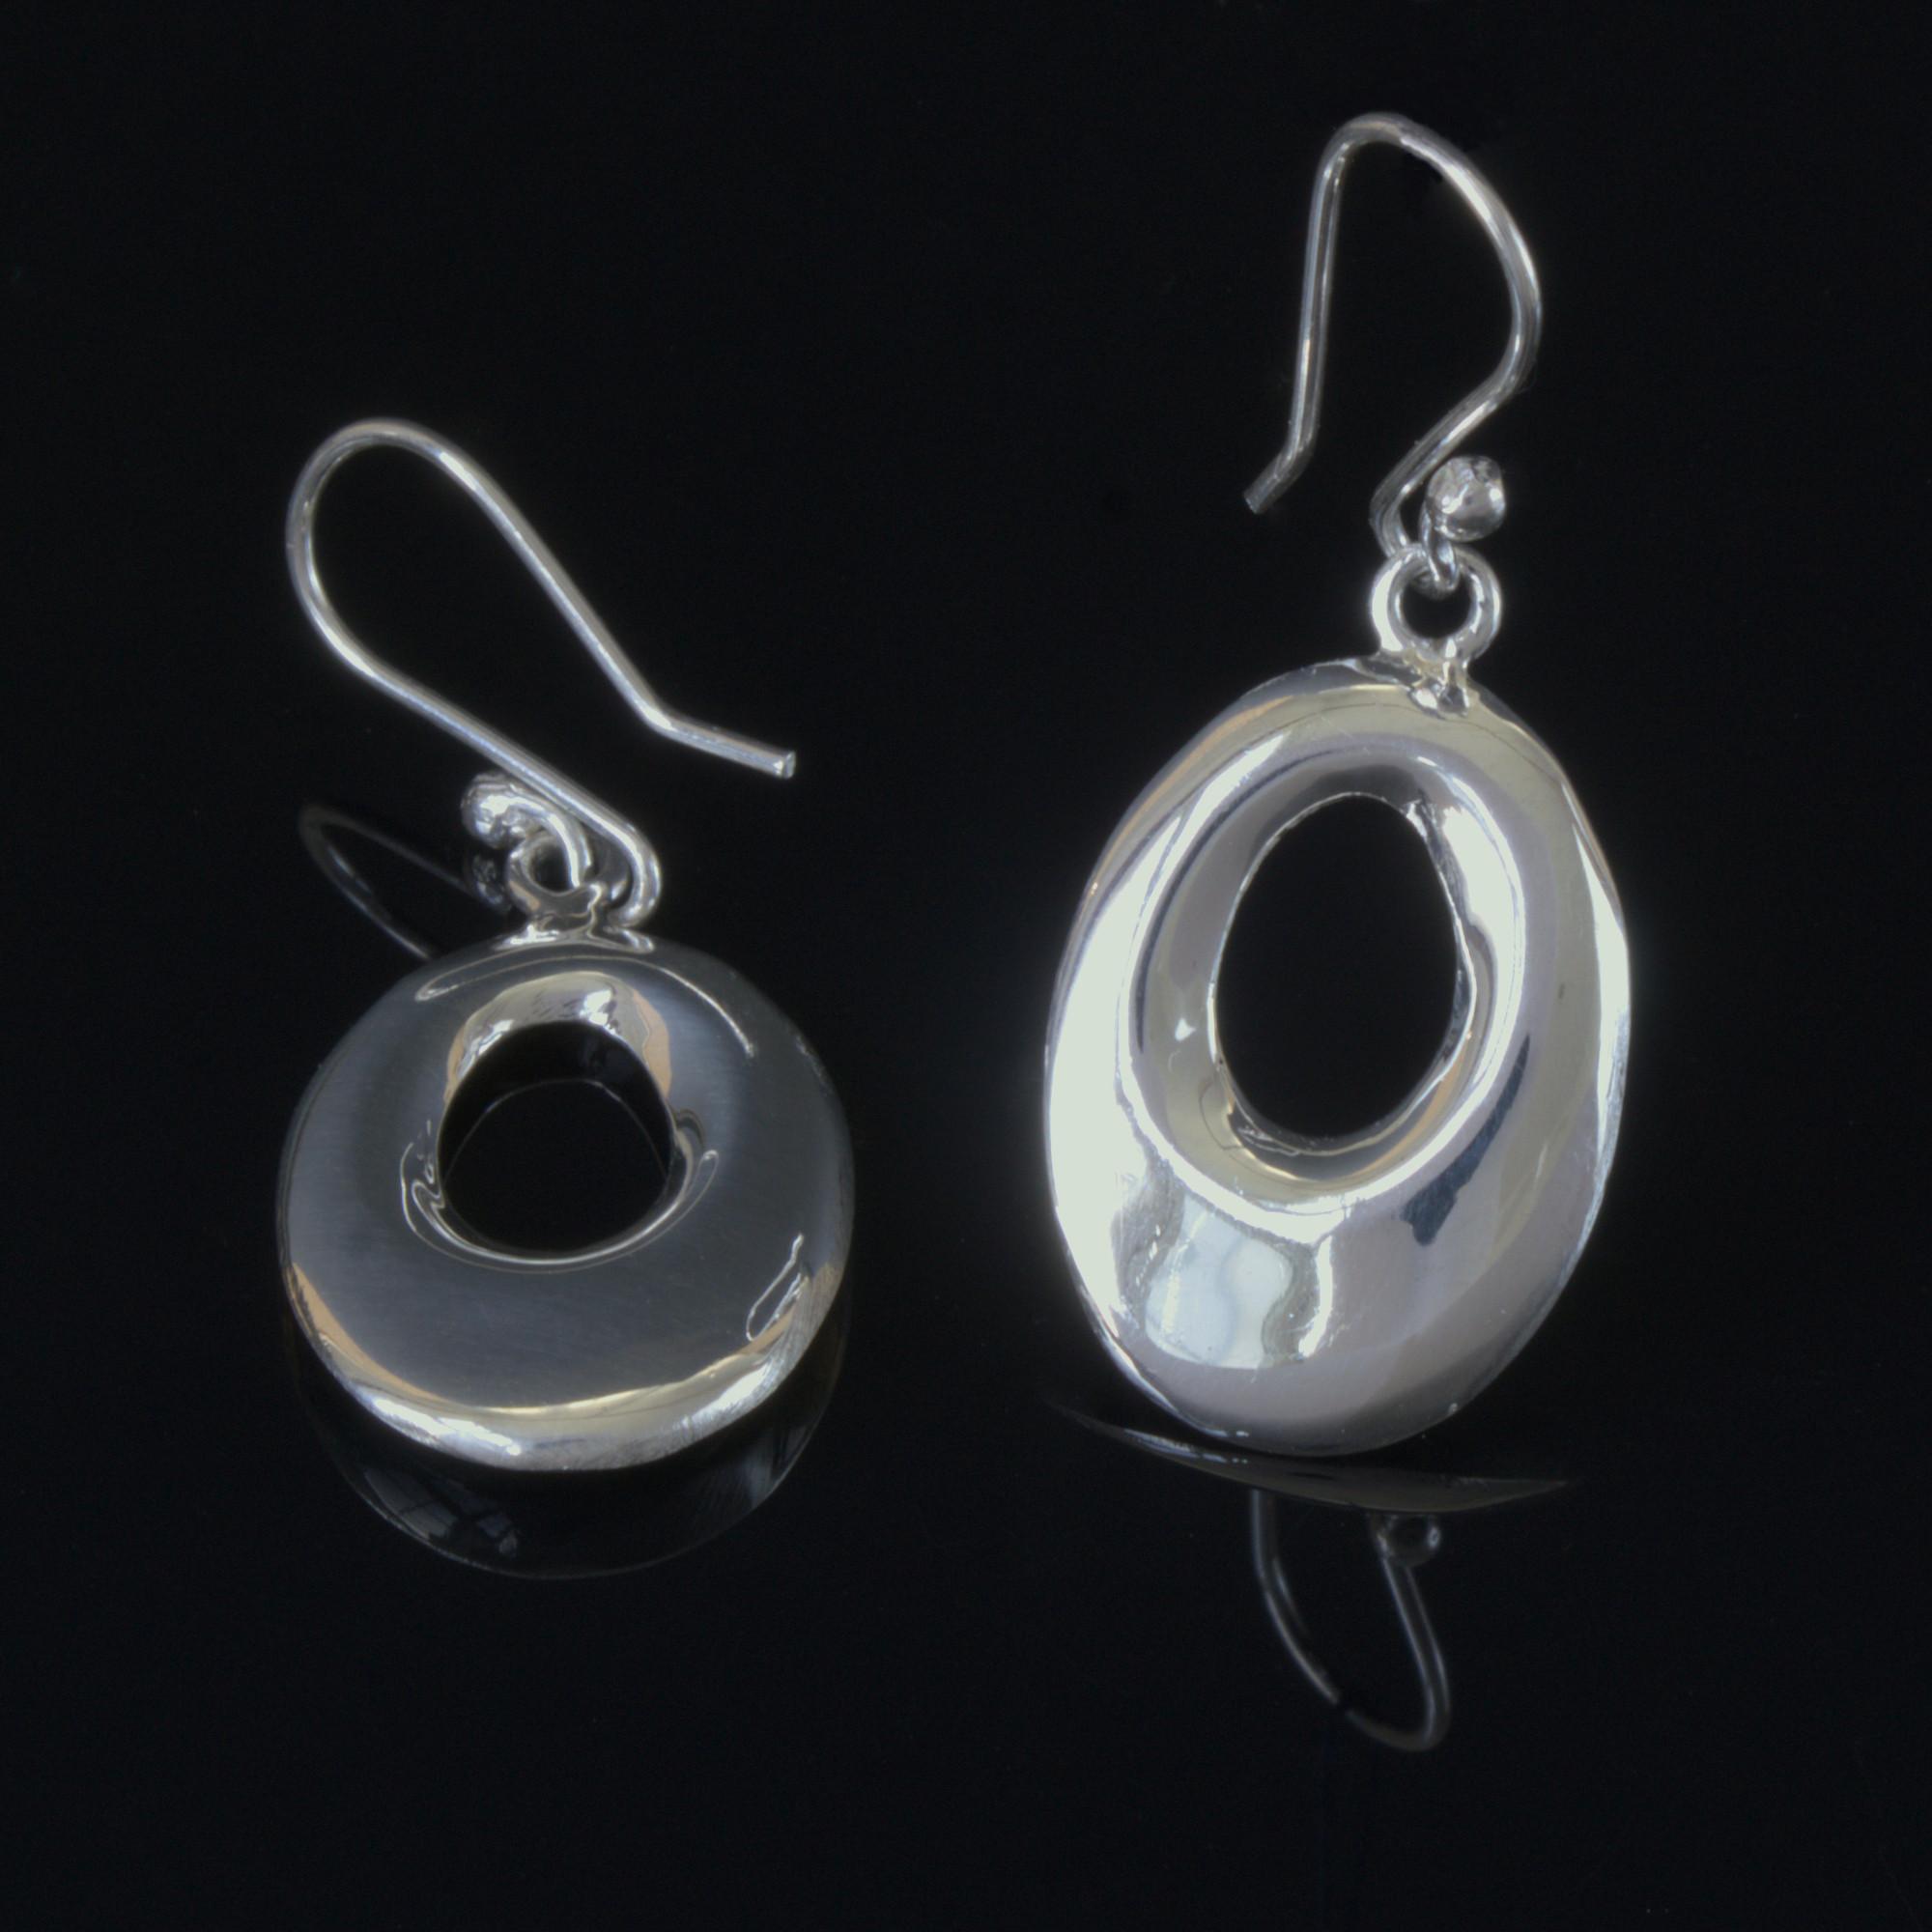 Situla: Örhängen gjorda av sterling silver och glansig finish. Oval form